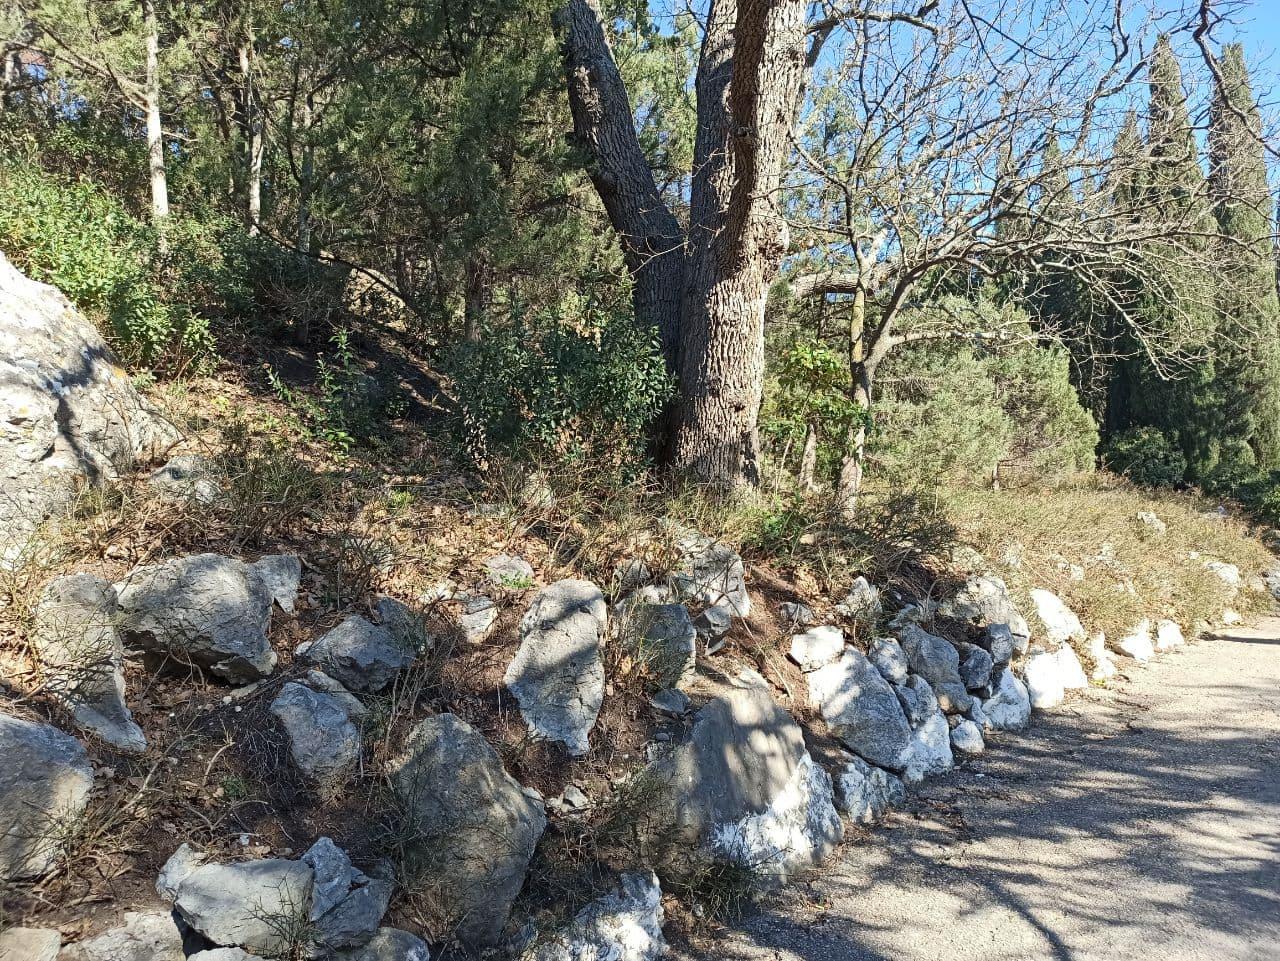 Комиссия Совмина Крыма дала неудовлетворительную оценку уборке застройщиком Форосского парка